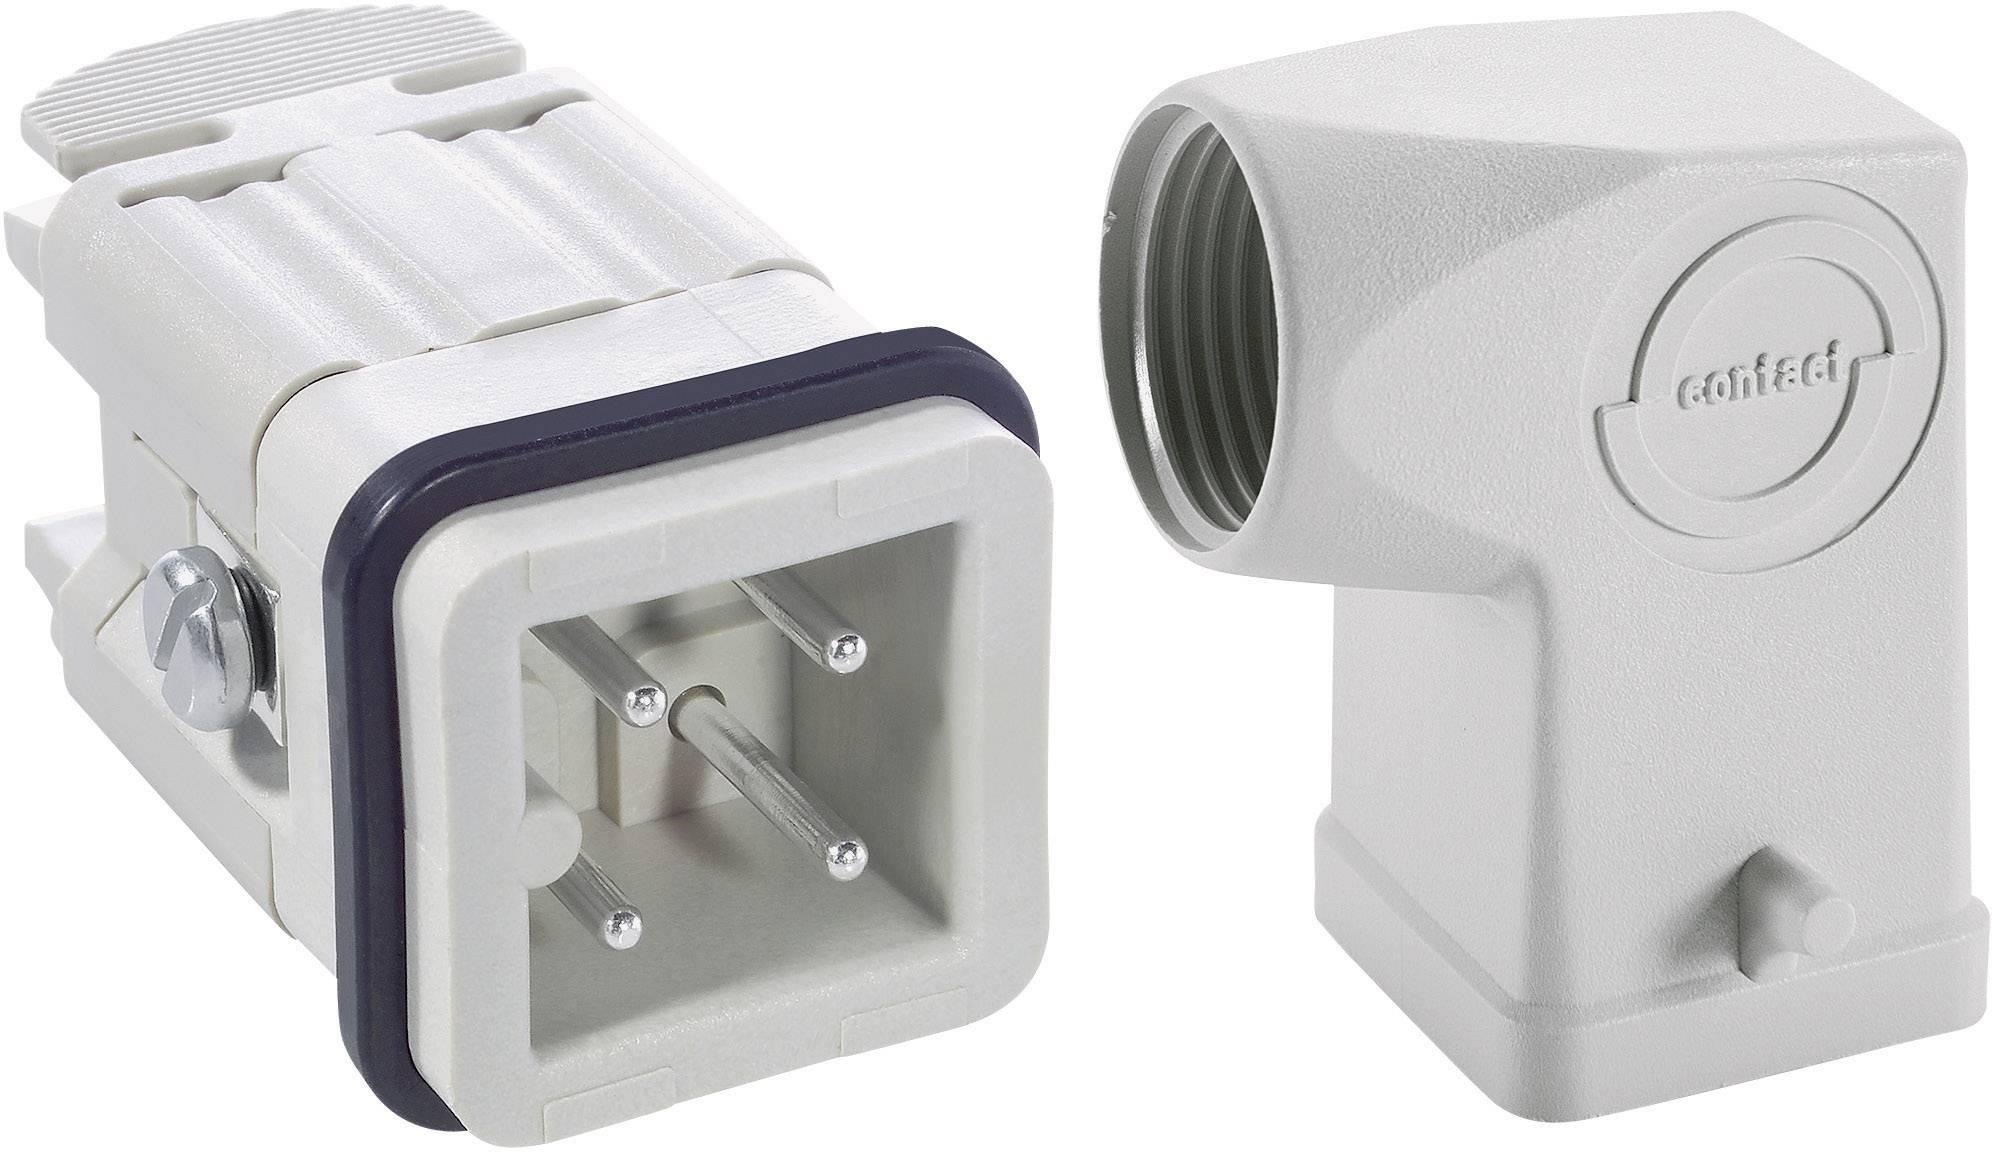 Sada konektorů EPIC®KIT H-A 3 75009603 LAPP 3 + PE šroubovací 1 sada